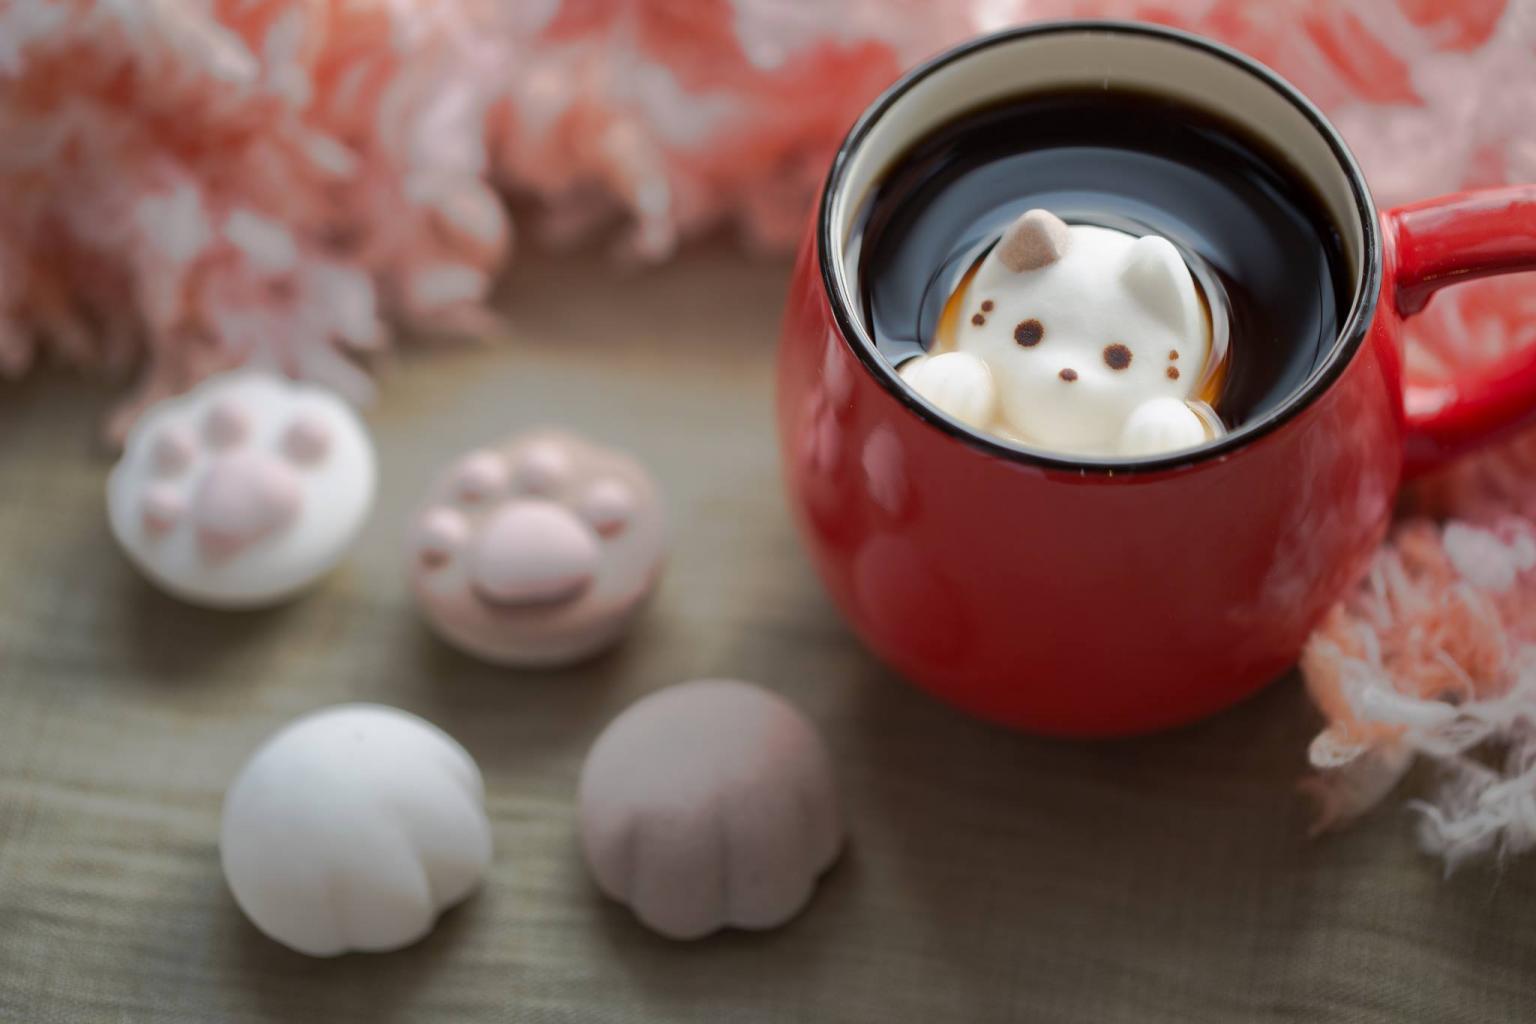 Кафе Японии привлекает клиентов десертами в виде котов